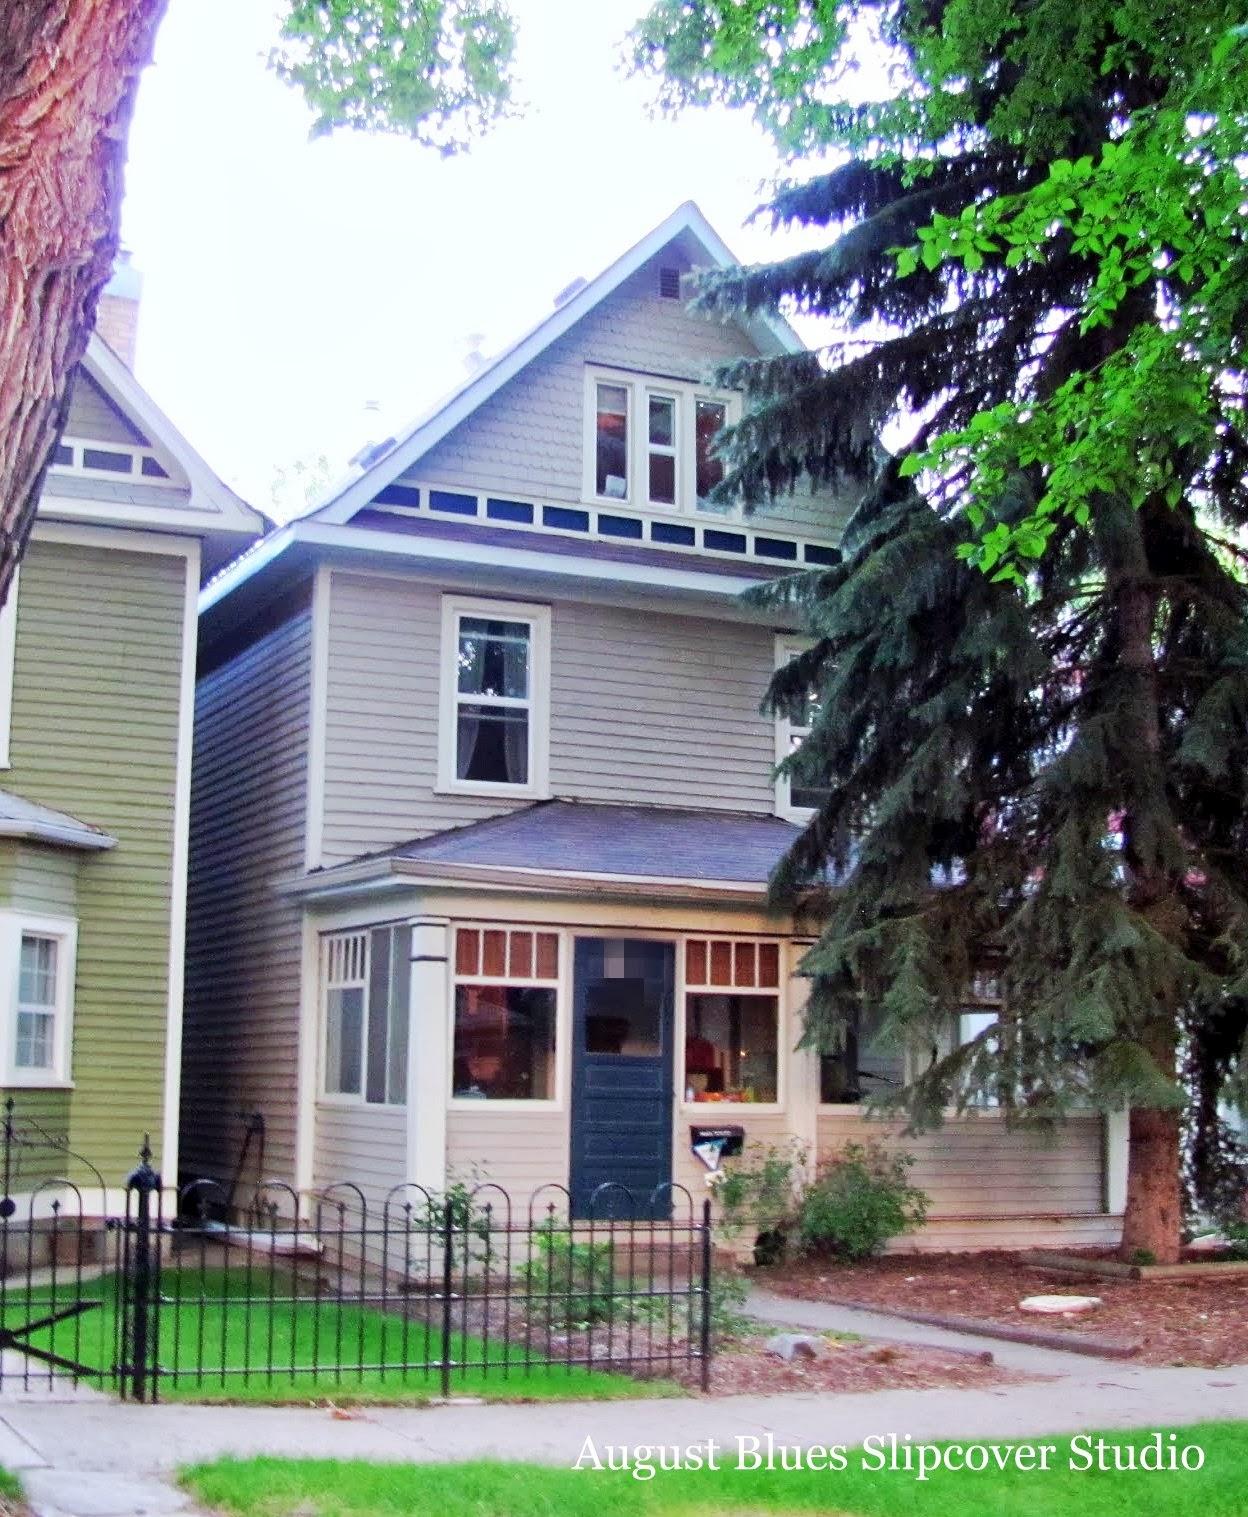 August Blues - Row House